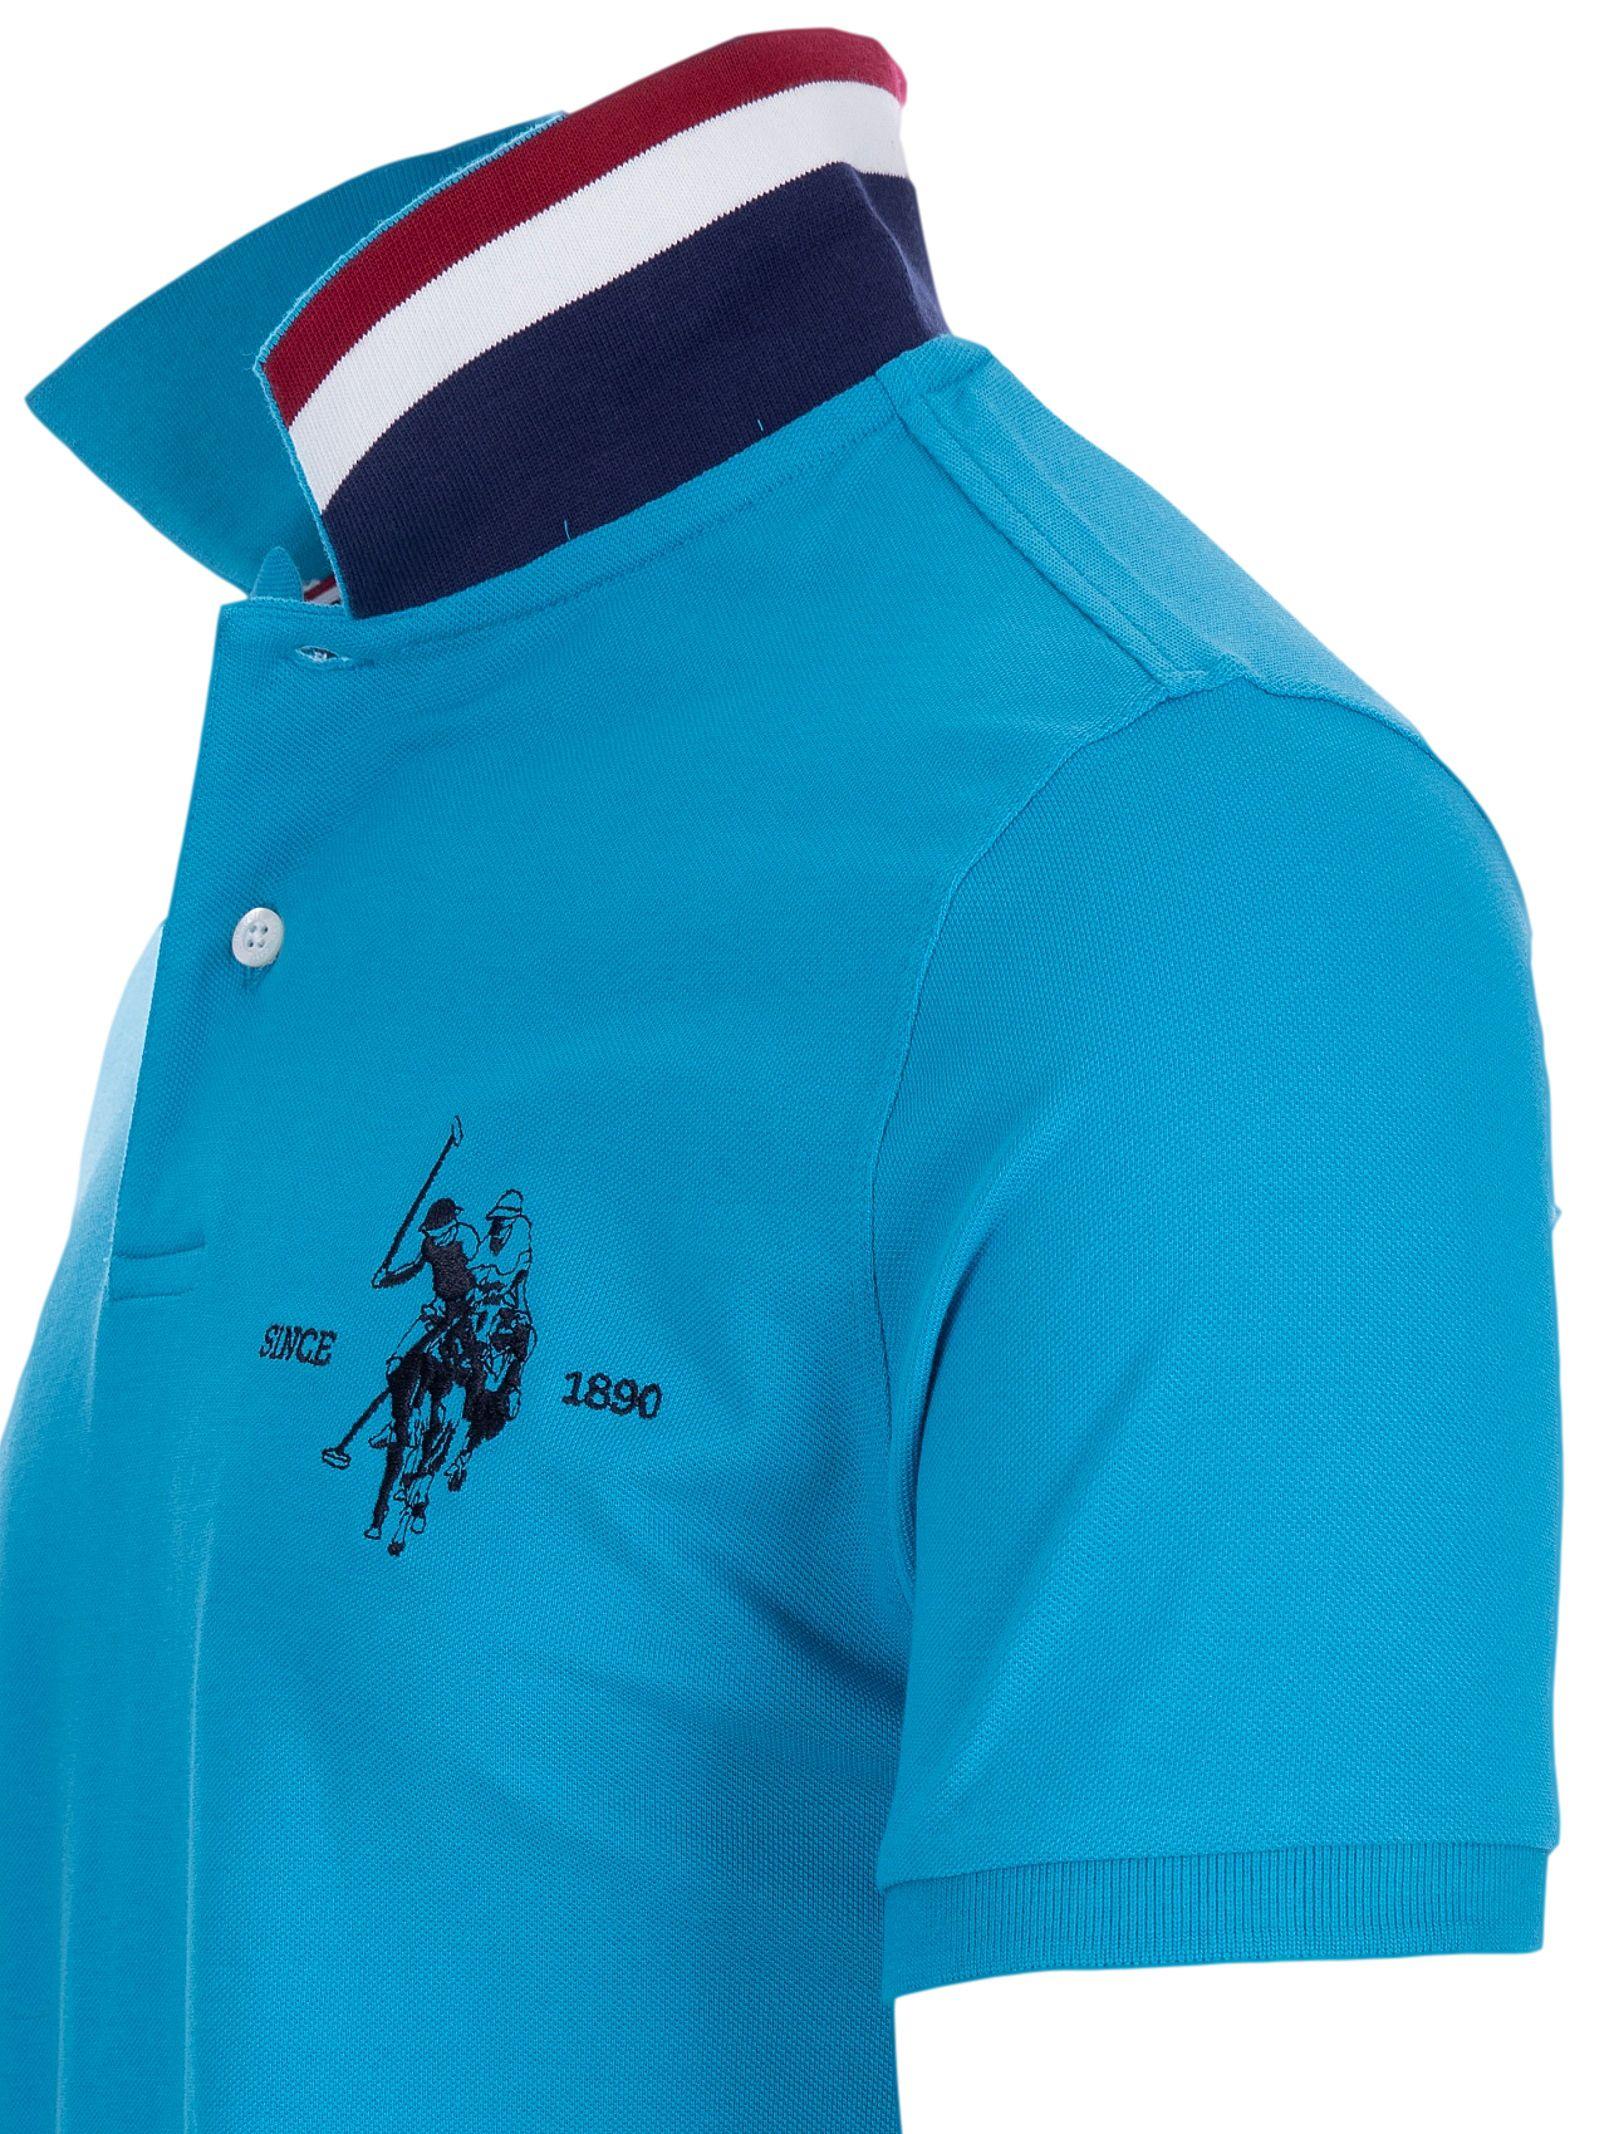 U.S Polo Assn Polo  60133 41029